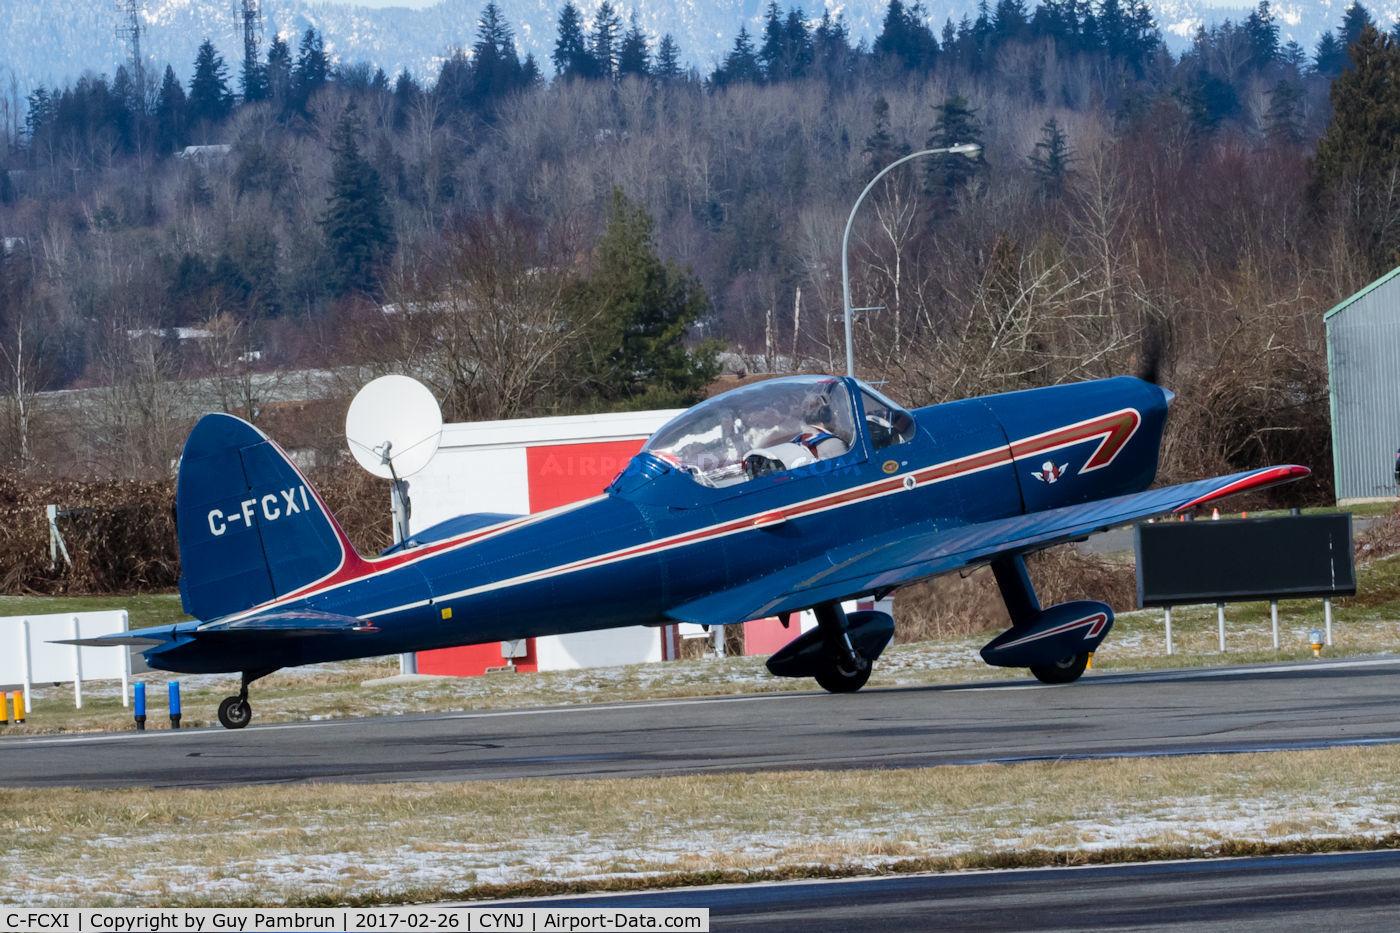 C-FCXI, 1950 De Havilland Canada DHC-1B-2 Chipmunk C/N 113-151, Takeoff